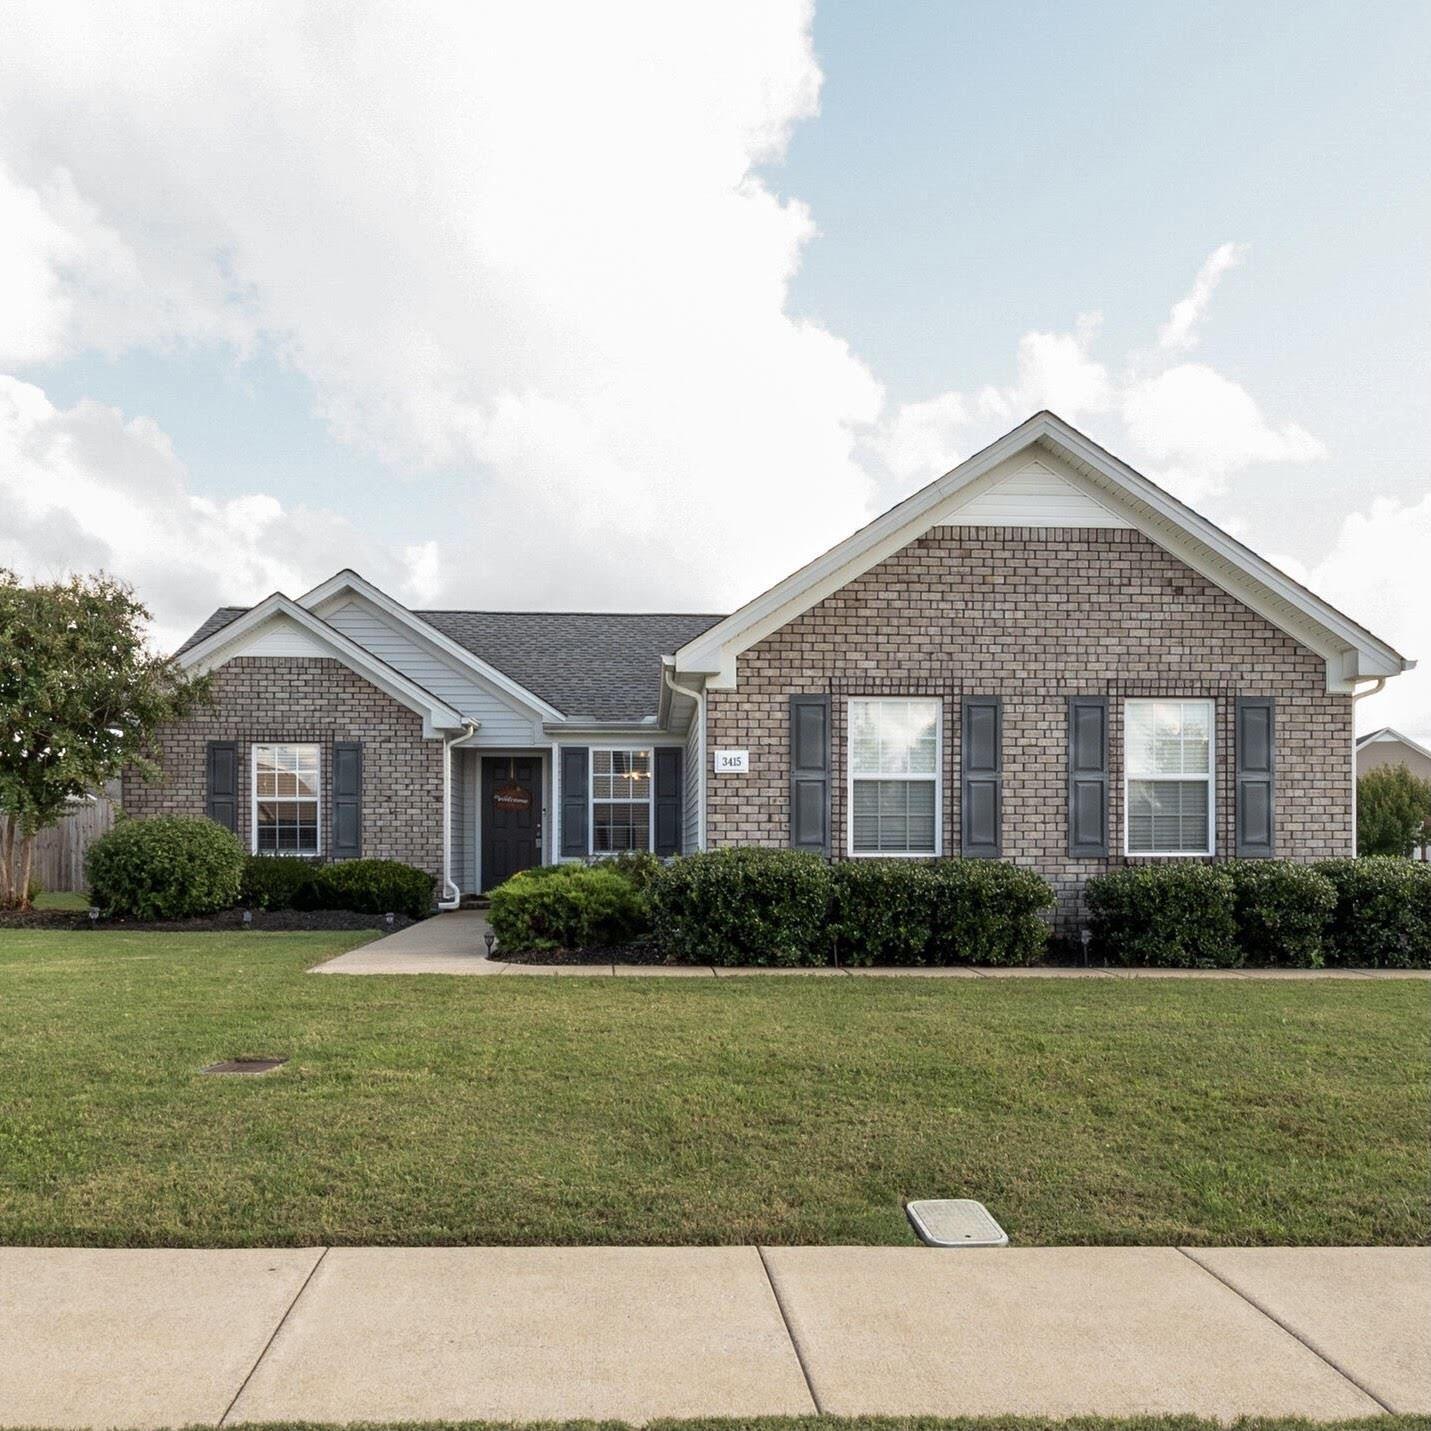 3415 Perlino Dr, Murfreesboro, TN 37128 - MLS#: 2299771